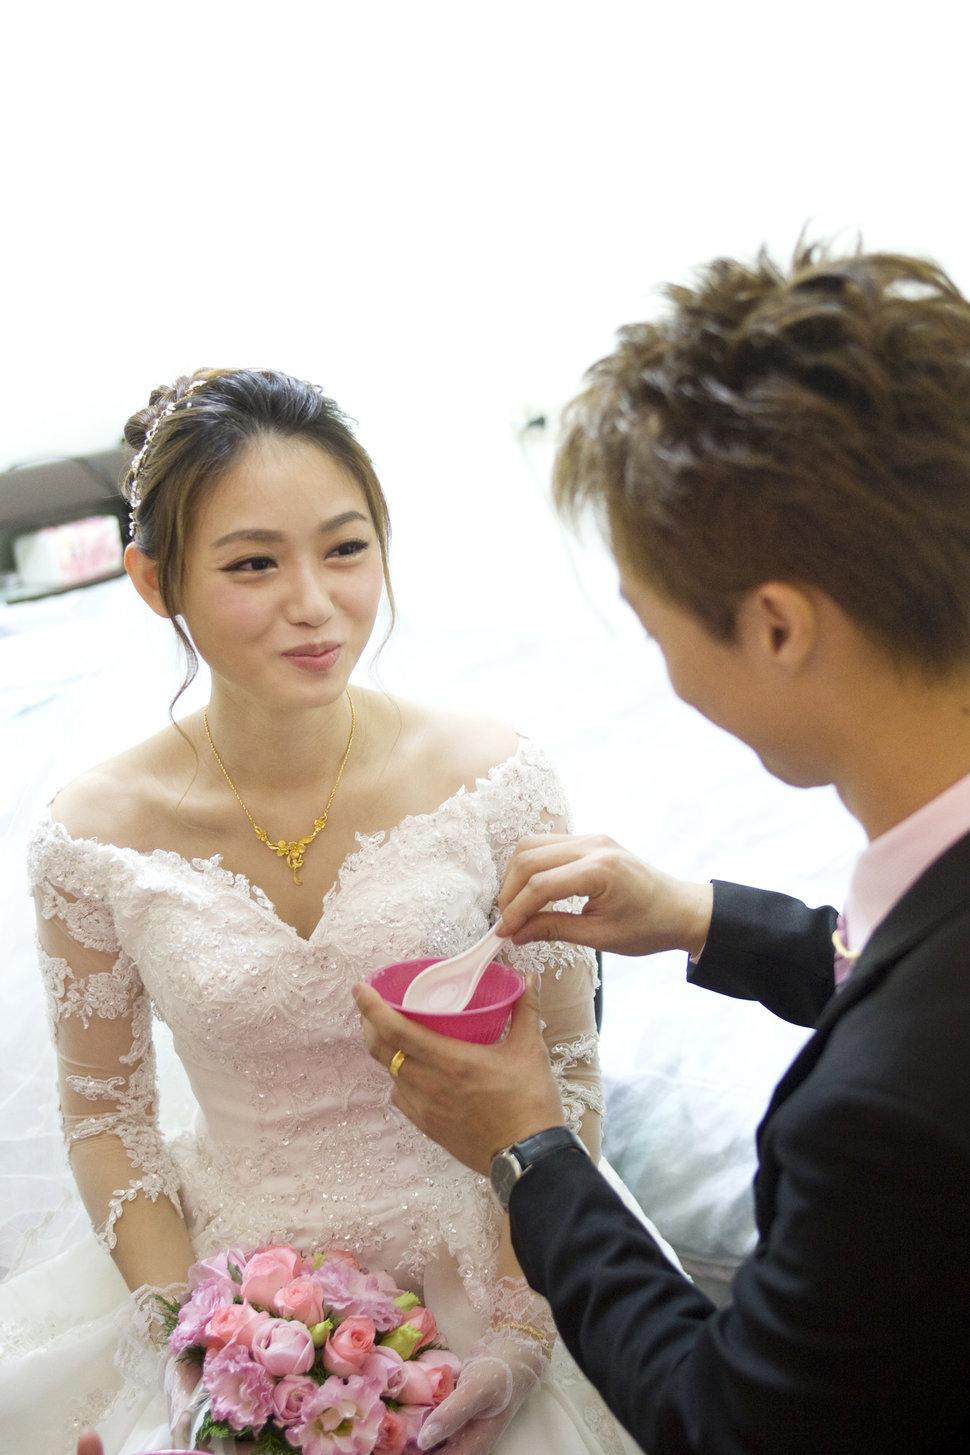 蓓麗宛婚禮時尚(編號:541478) - 蓓麗宛婚禮時尚《結婚吧》